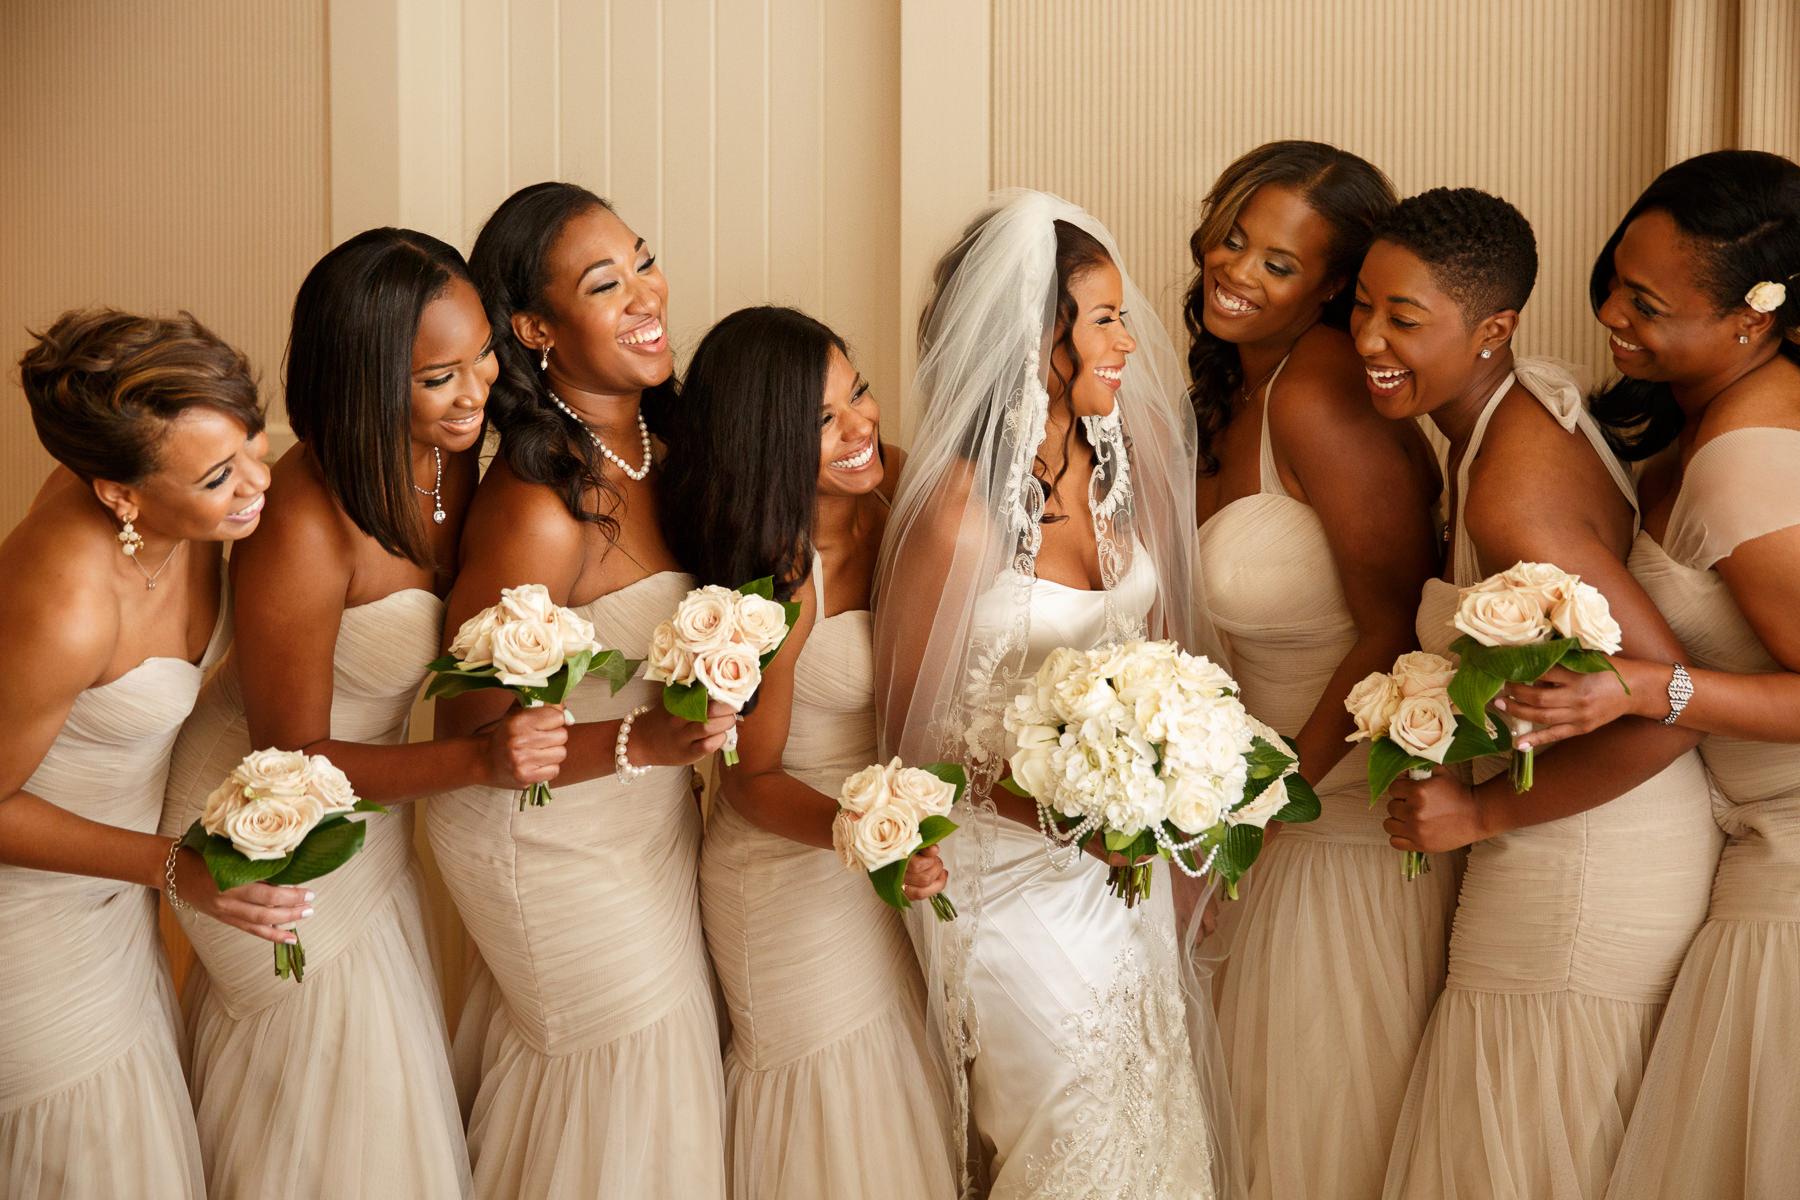 wedding-posing-tips